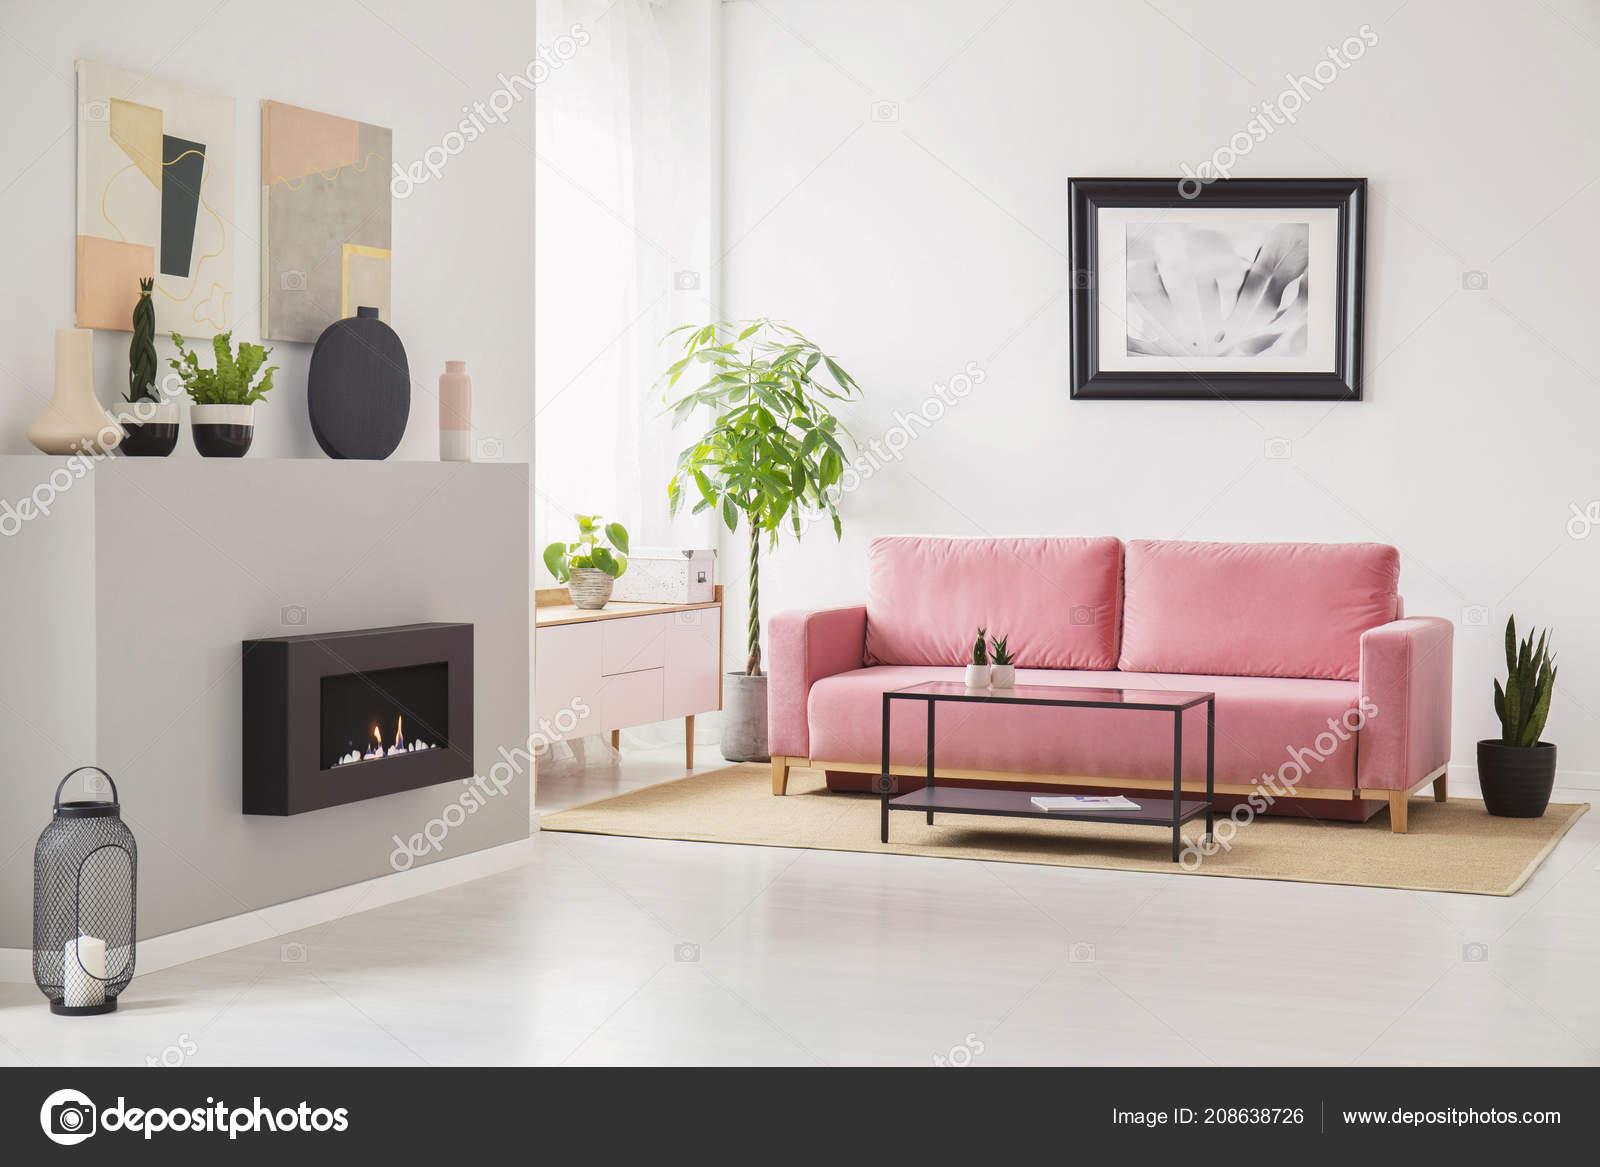 decoración fresca de la sala de estar Carteles Las Paredes Anticuados Interior Sala Estar Con Sof